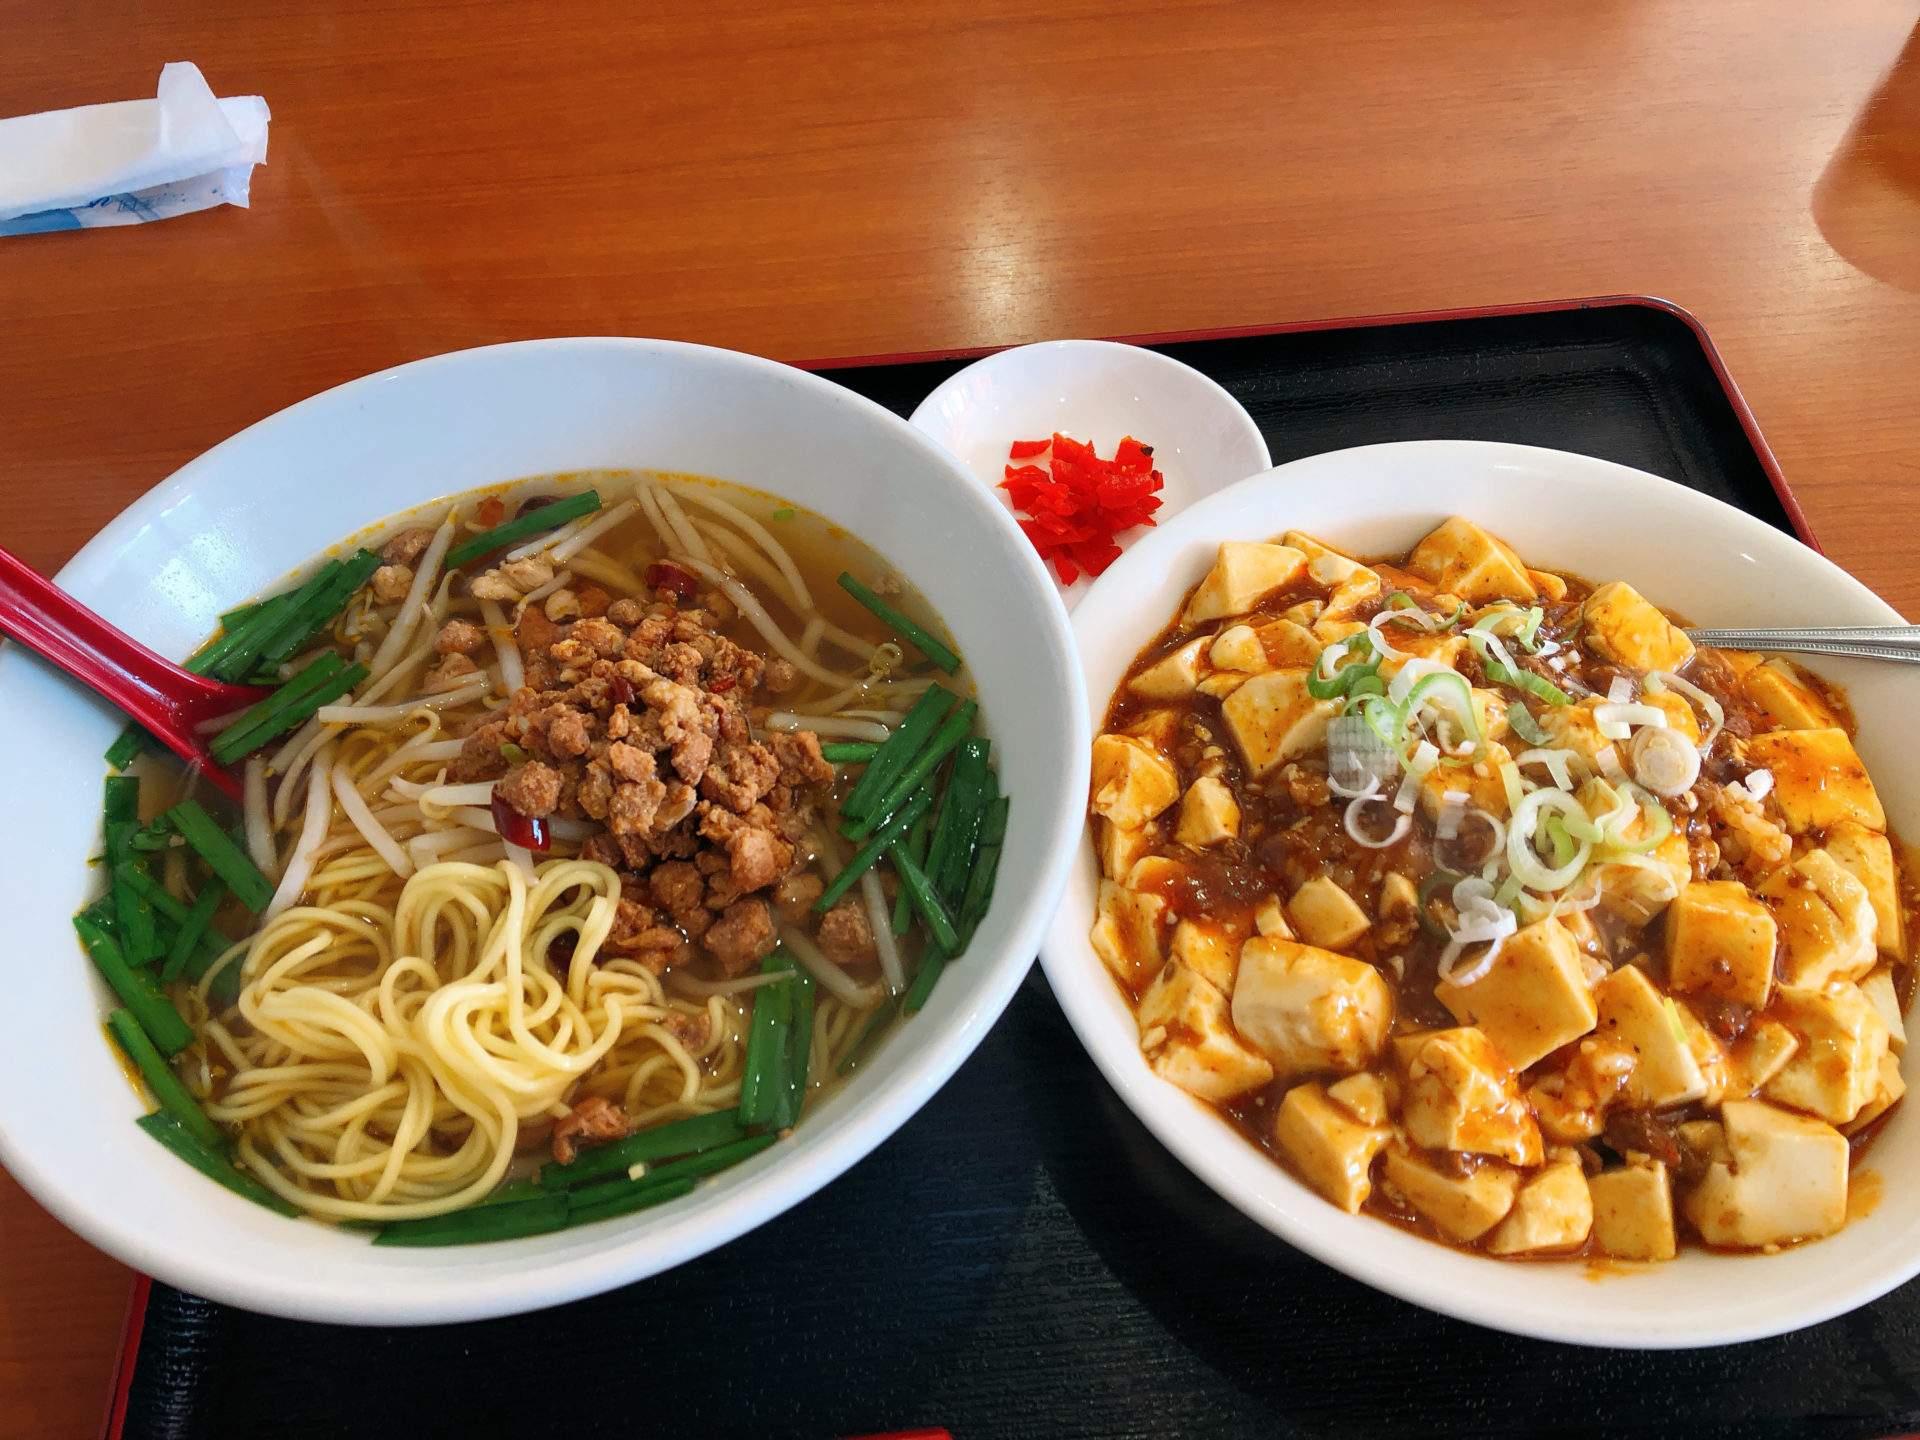 倉敷市真備町 コメリの斜め向かいにある、台湾料理 新四季 の昼限定ランチ!セットメニューの、ラーメンと麻婆飯の量に圧倒される!